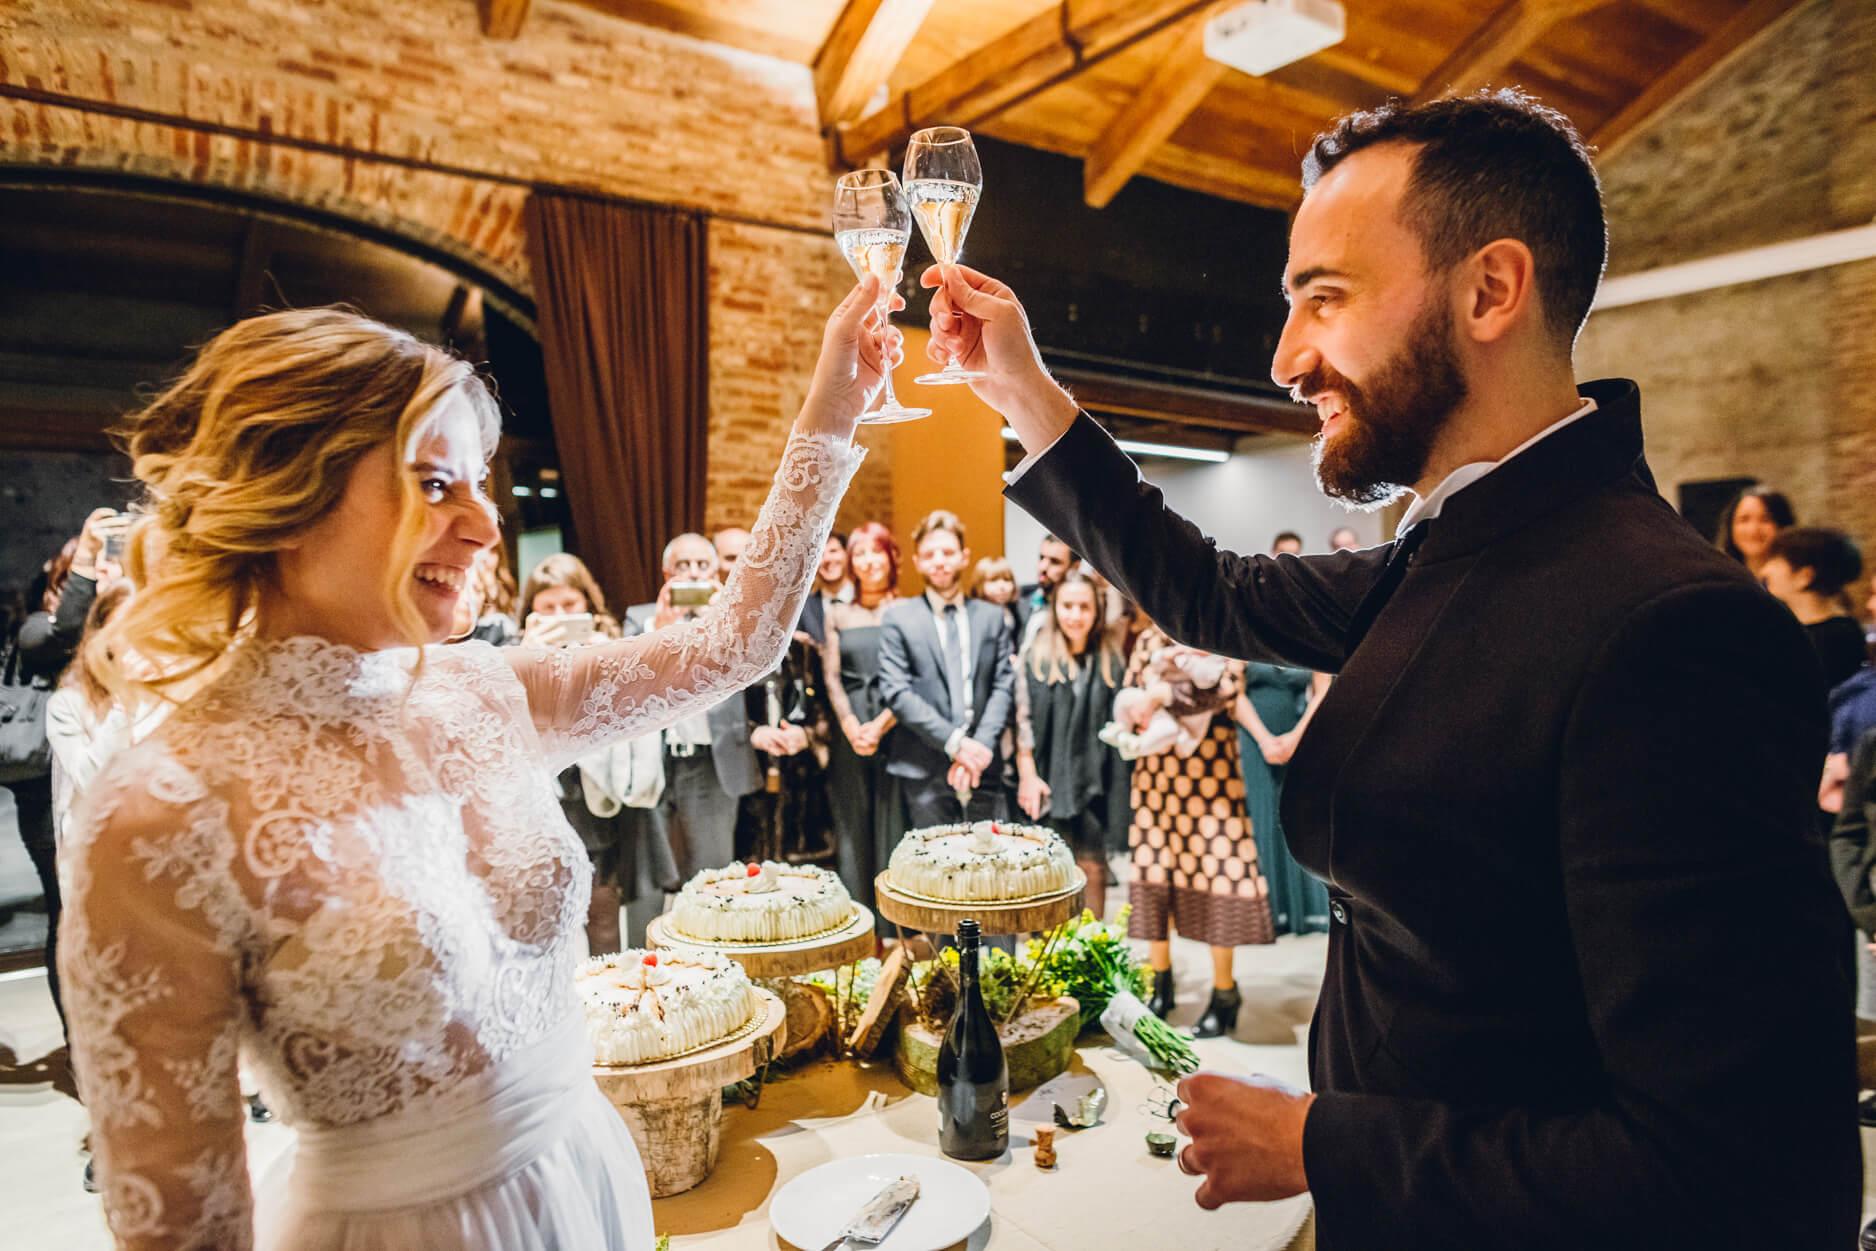 Auguri Il Vostro Matrimonio : Frasi di auguri per il matrimonio da dedicare agli sposi